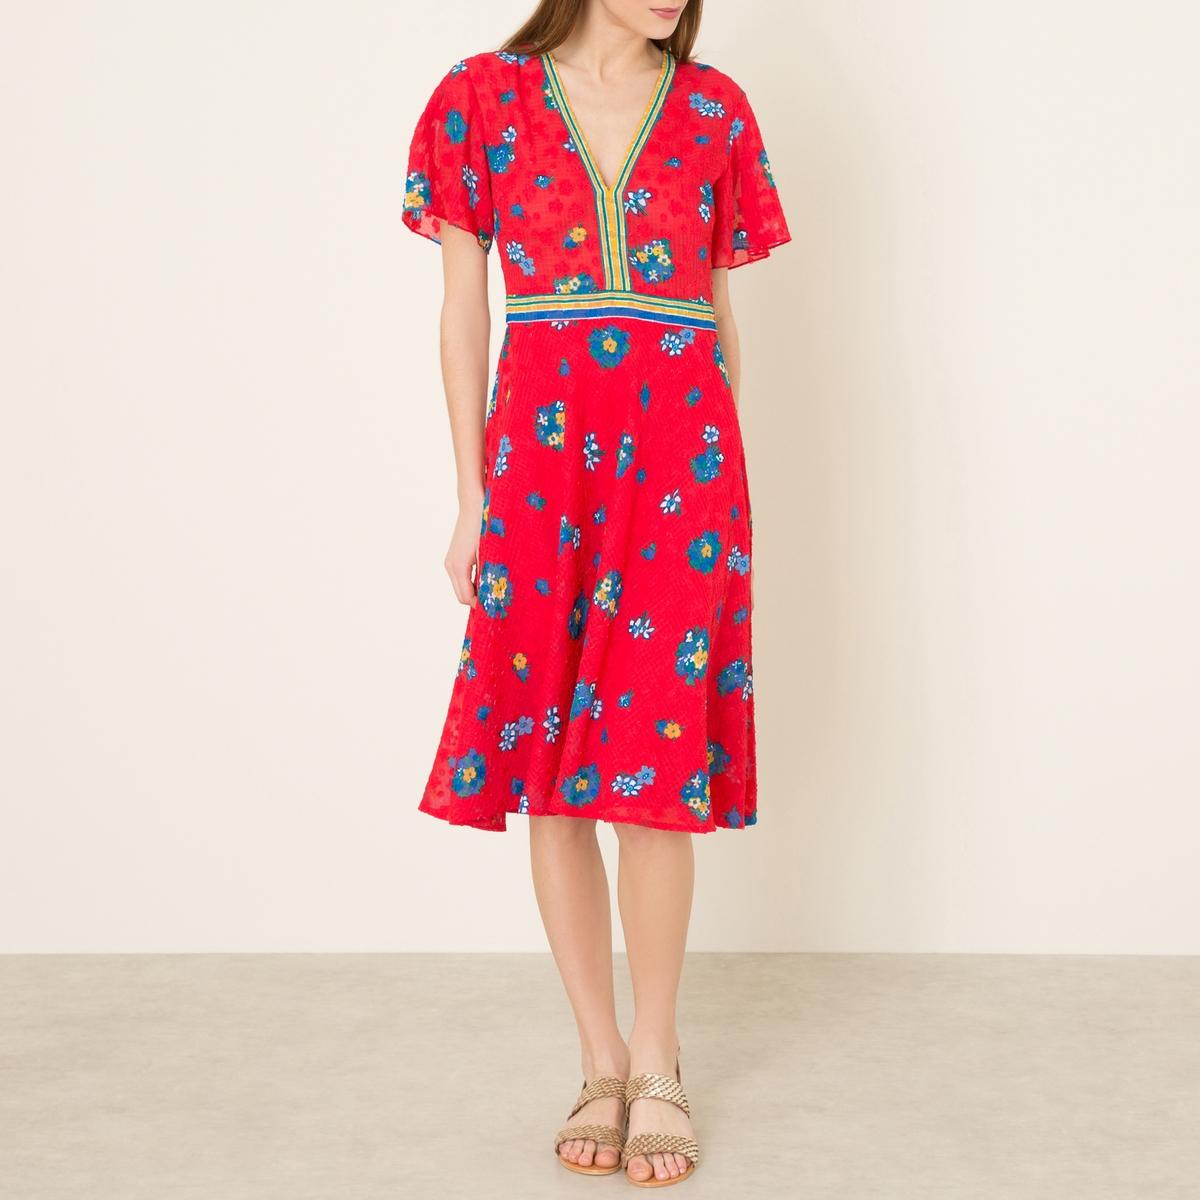 Платье PRUNEПлатье BA&amp;SH - модель PRUNE из вуали с цветочным принтом . V-образный вырез. Короткие рукава с воланами. Контрастные вставки в полоску . Длина до колена. Состав и описание    Материал : 100% полиэстер   Марка : BA&amp;SH<br><br>Цвет: красный